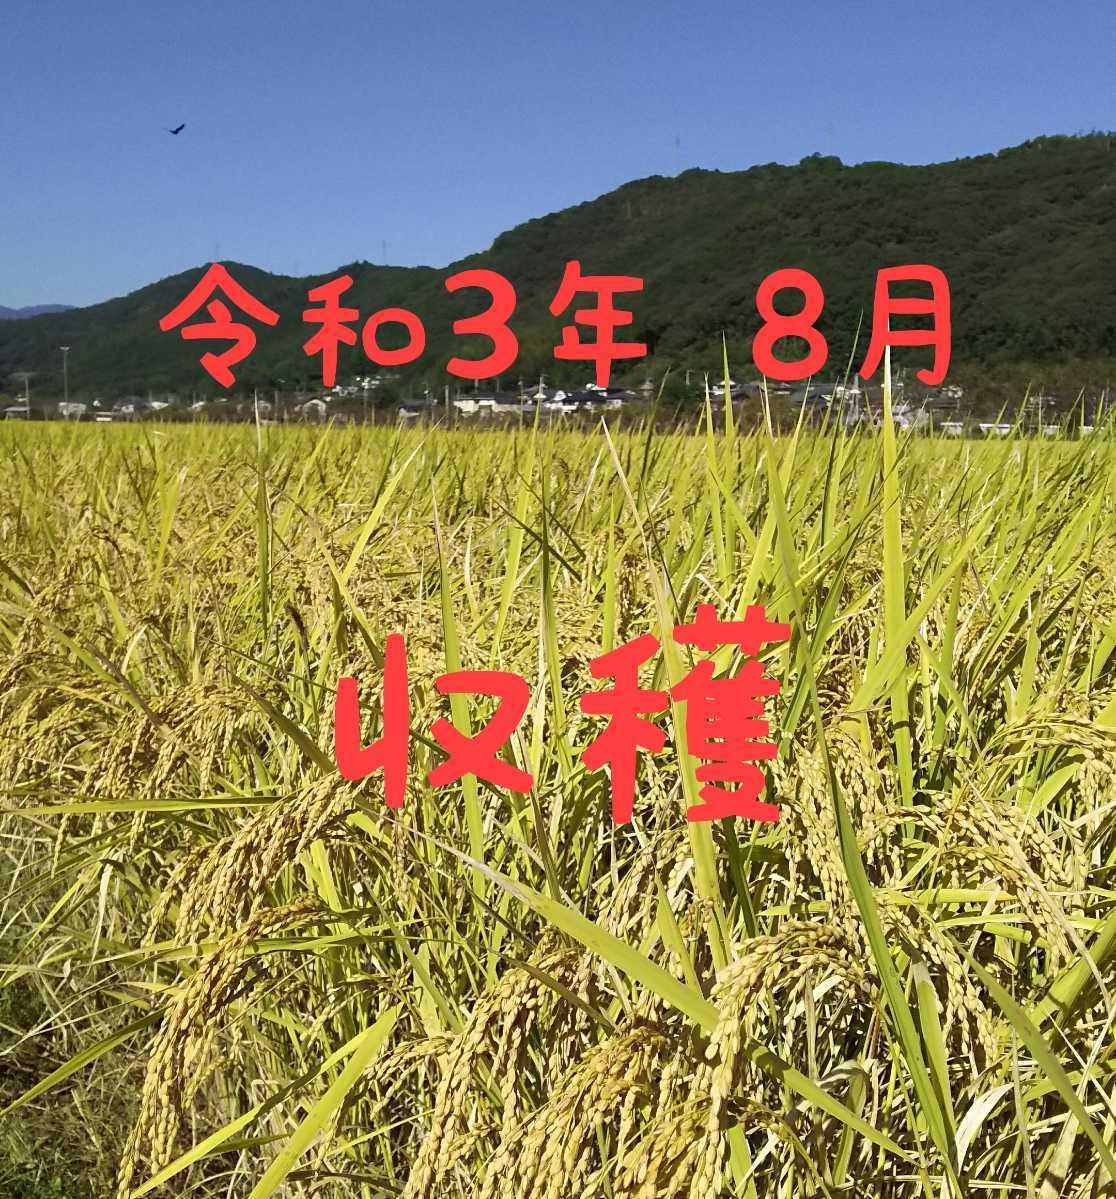 送料込み 令和3年産 高知県産 コシヒカリ玄米5㎏(袋込み)_画像3